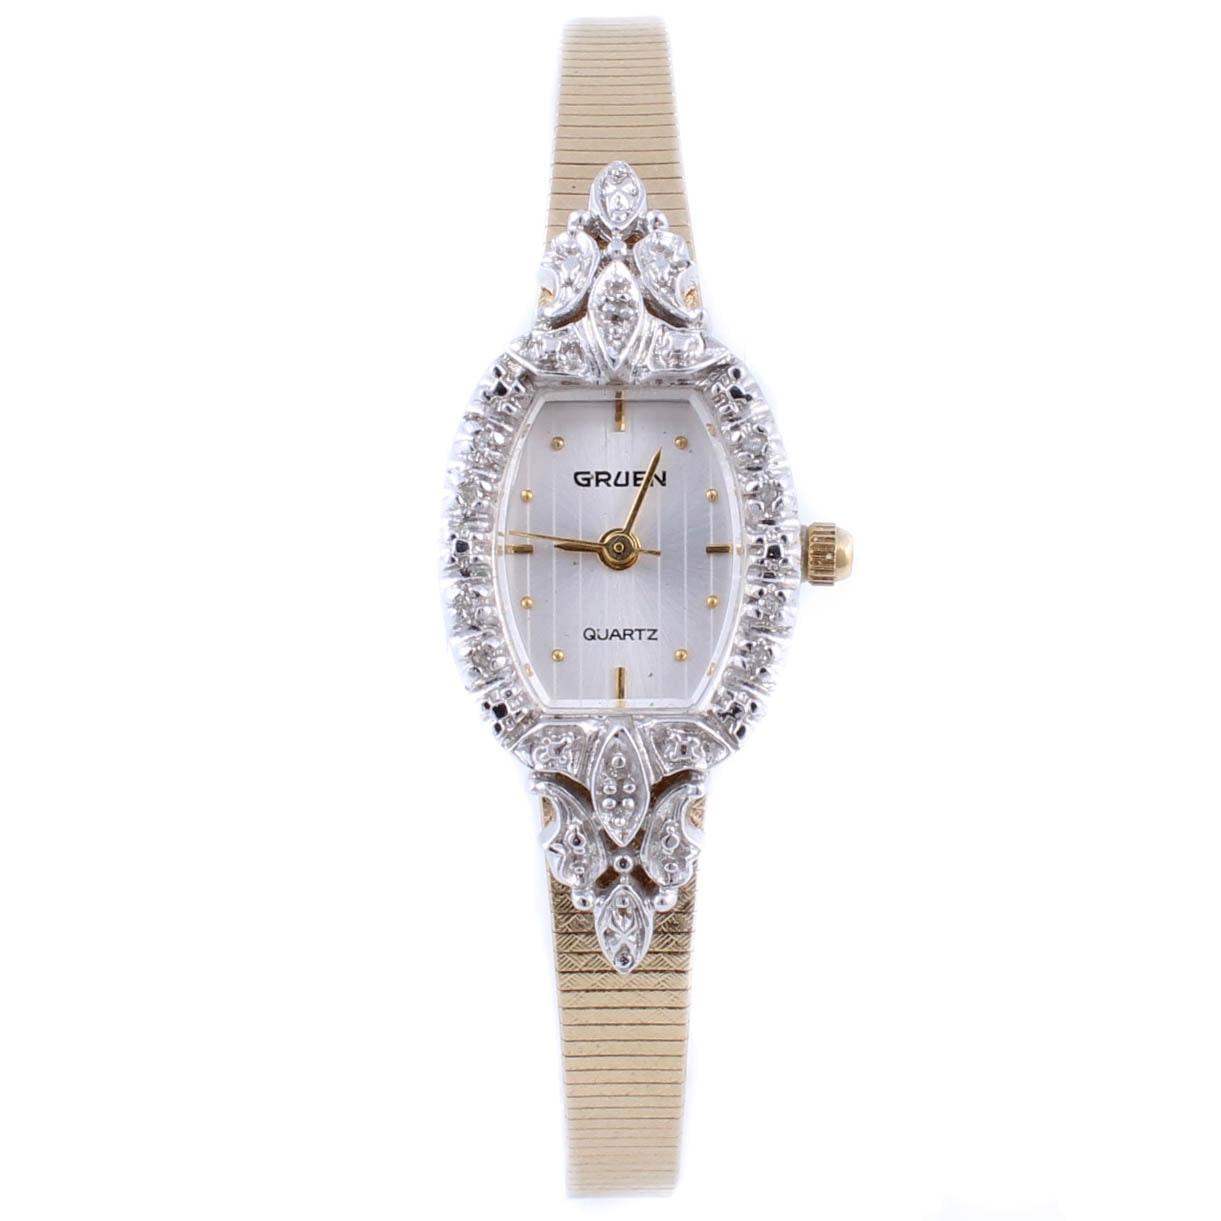 Gruen Gold Tone Wristwatch with Diamonds